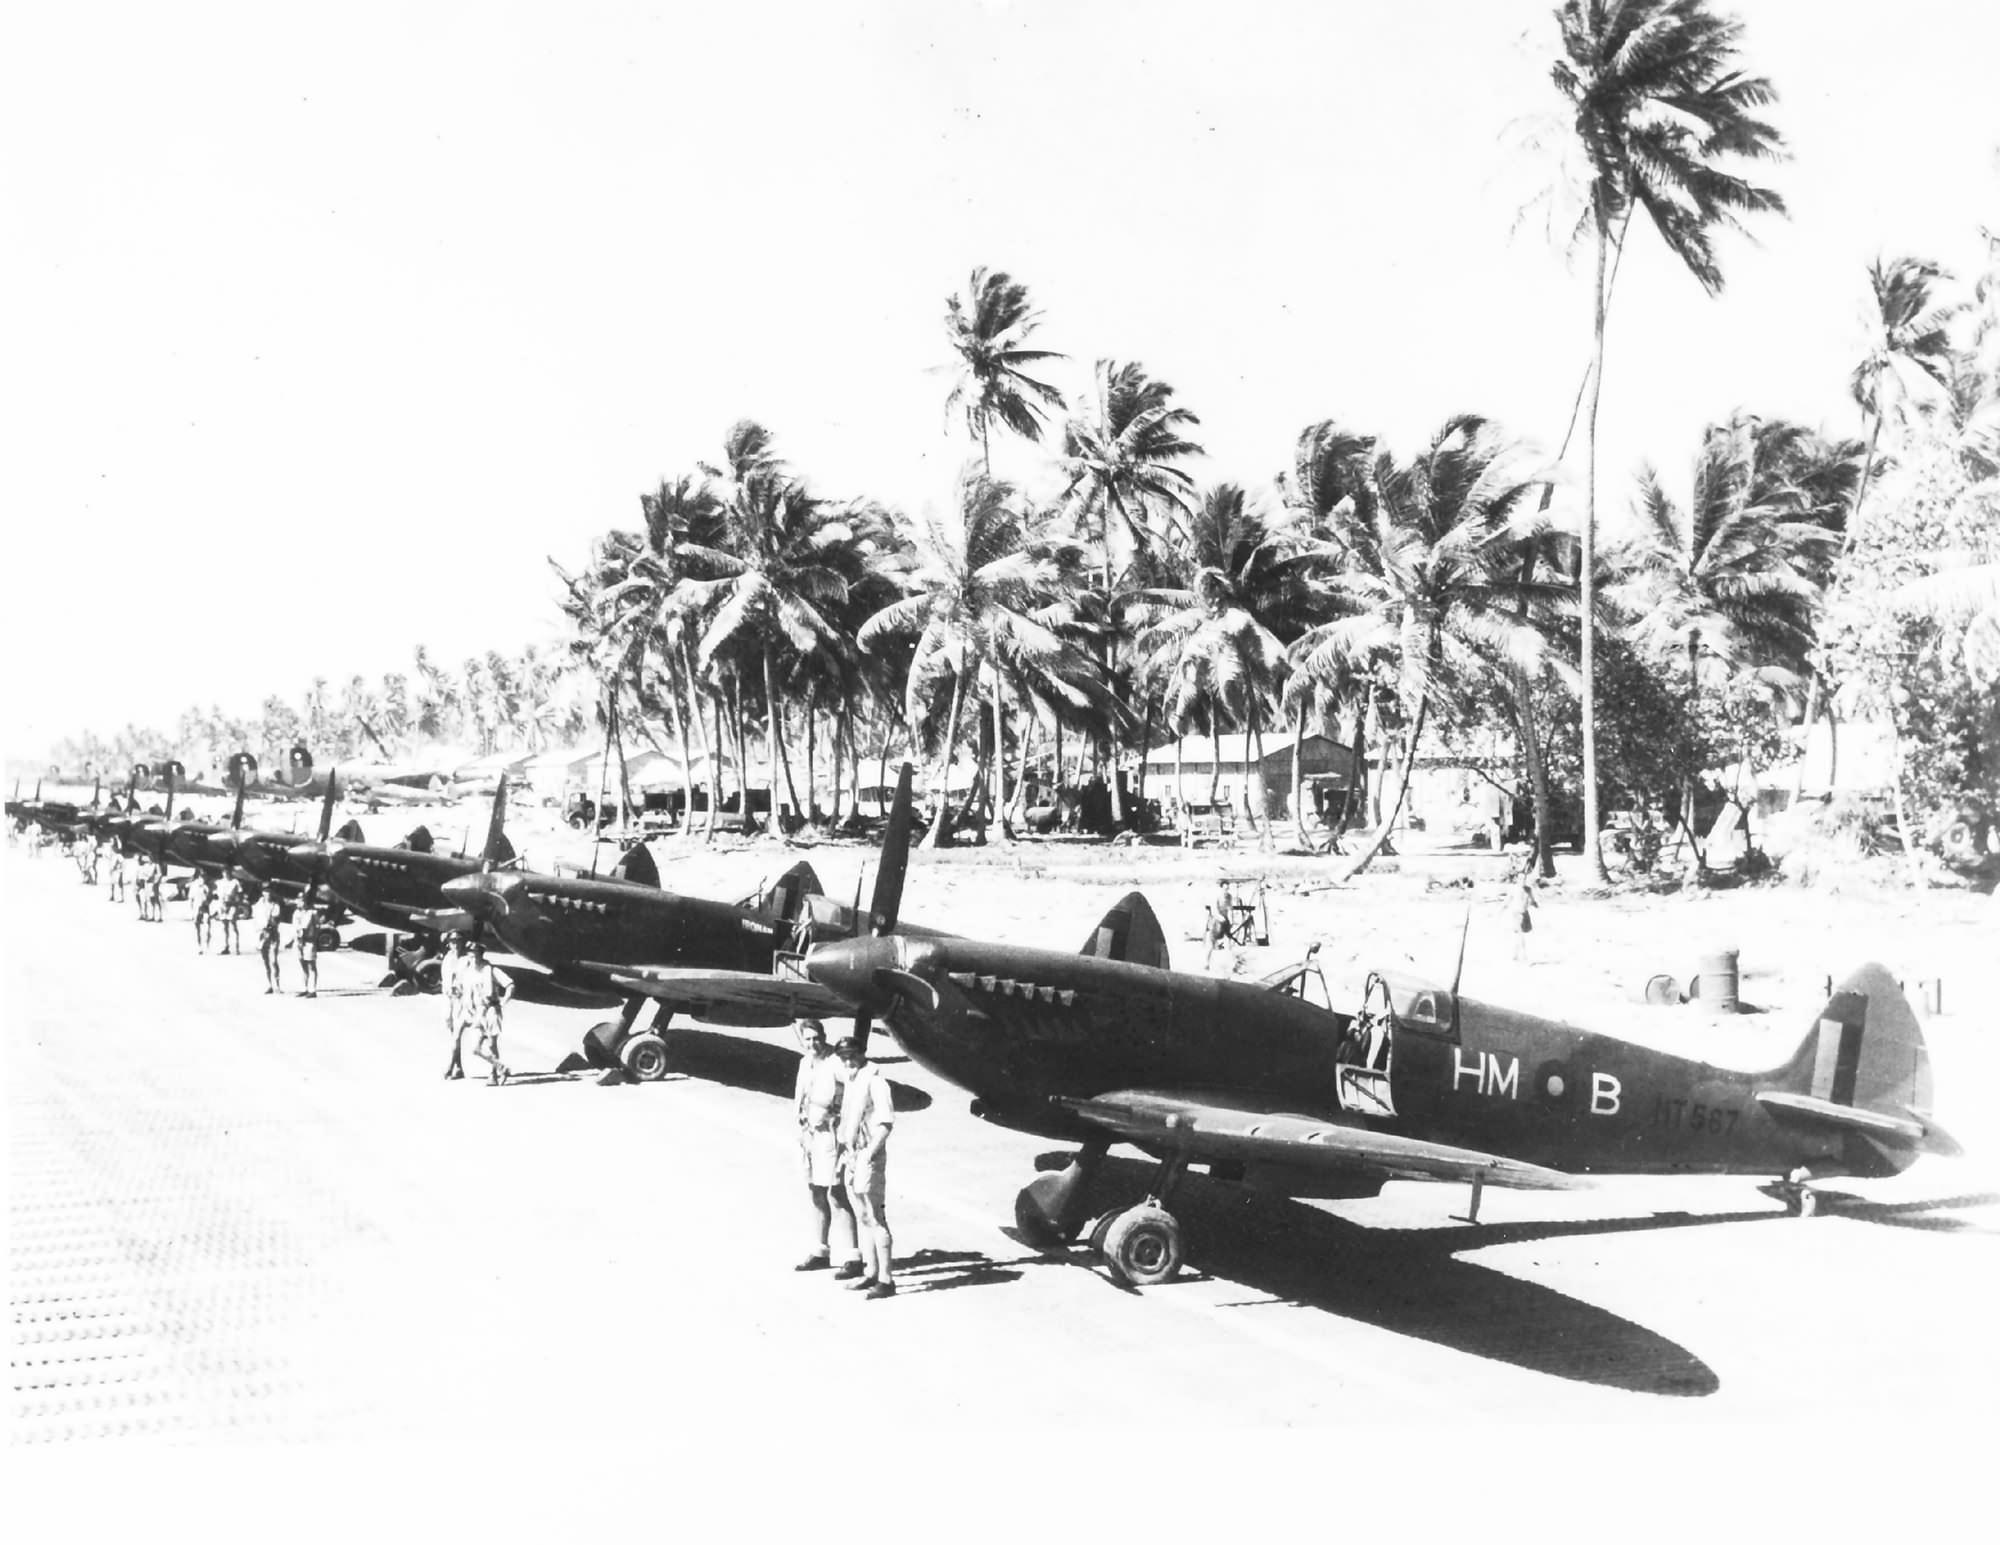 Spitfire MkVIII RAF 136Sqn HMB RN193 Cocos Islands India 1946 47 web 01